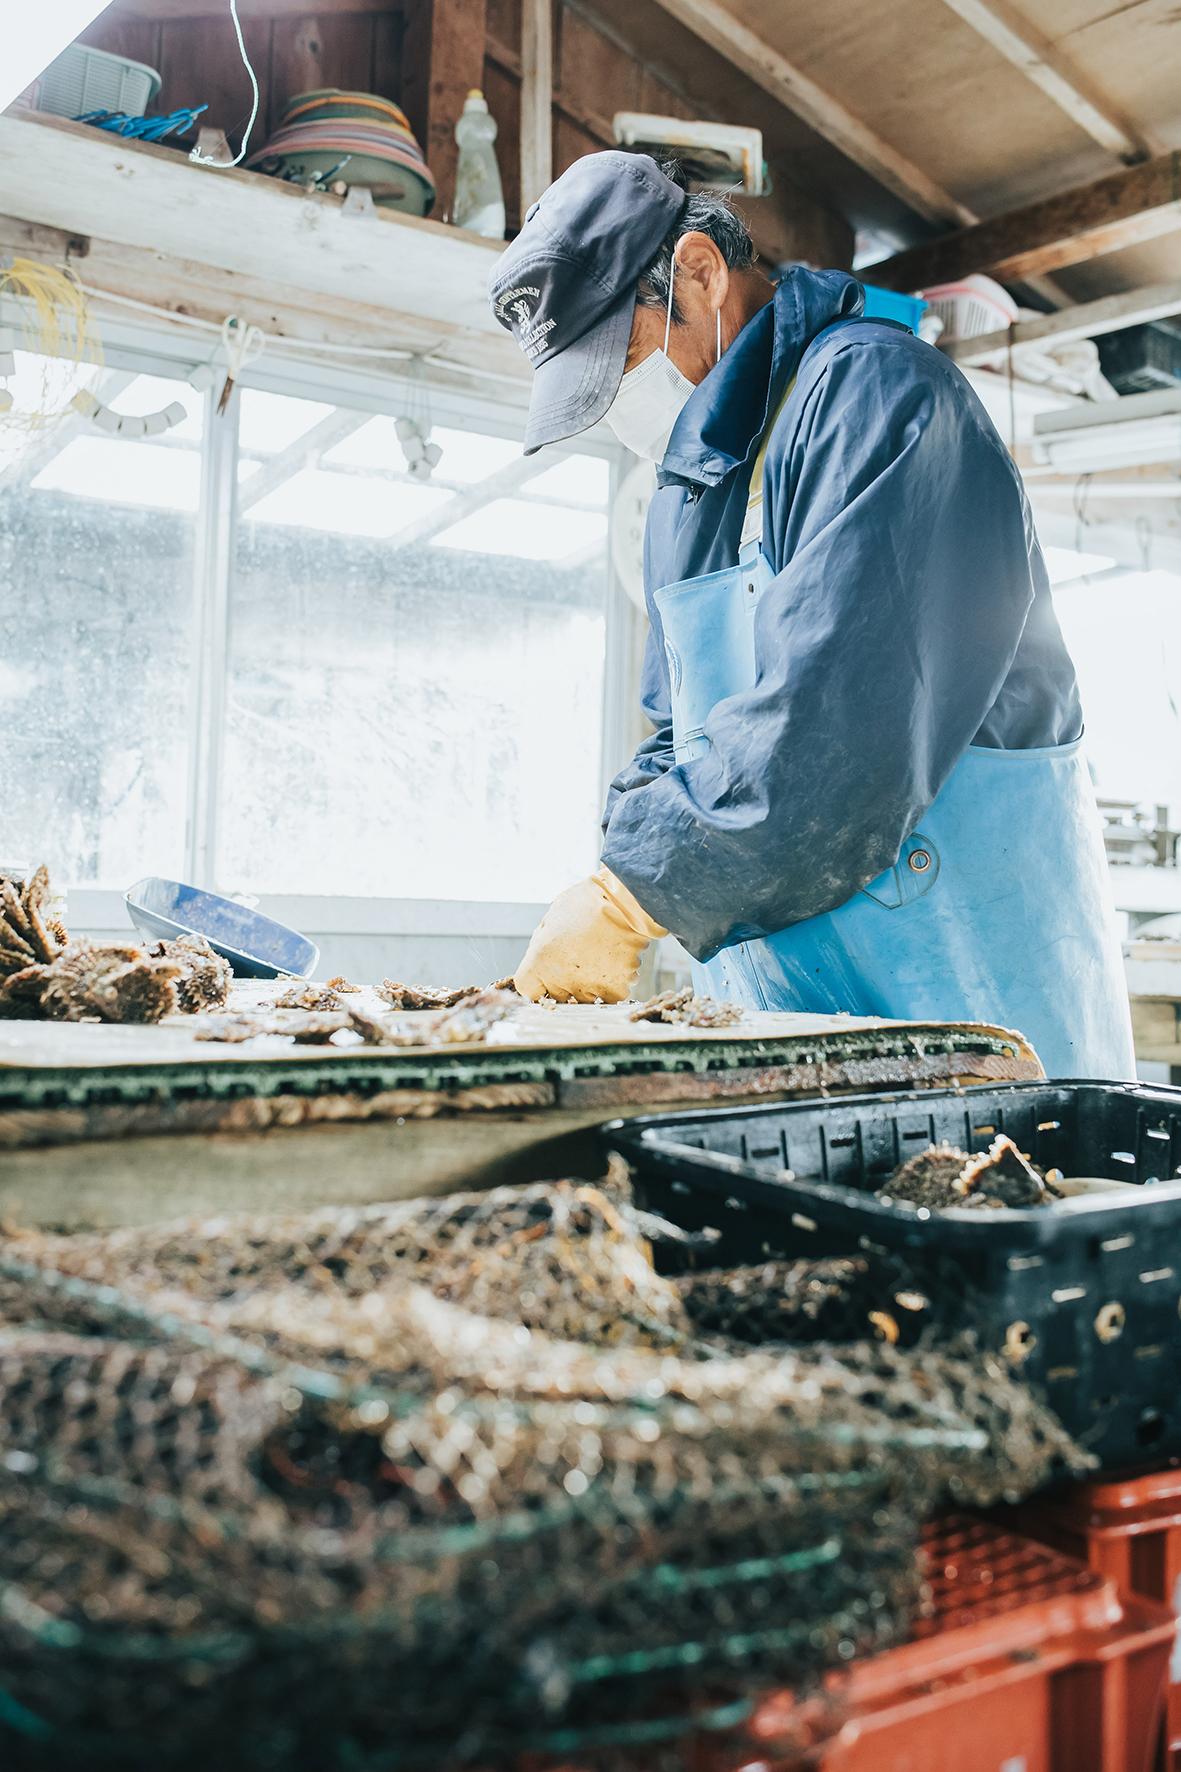 Producteur huîtres perlières 2, Mie